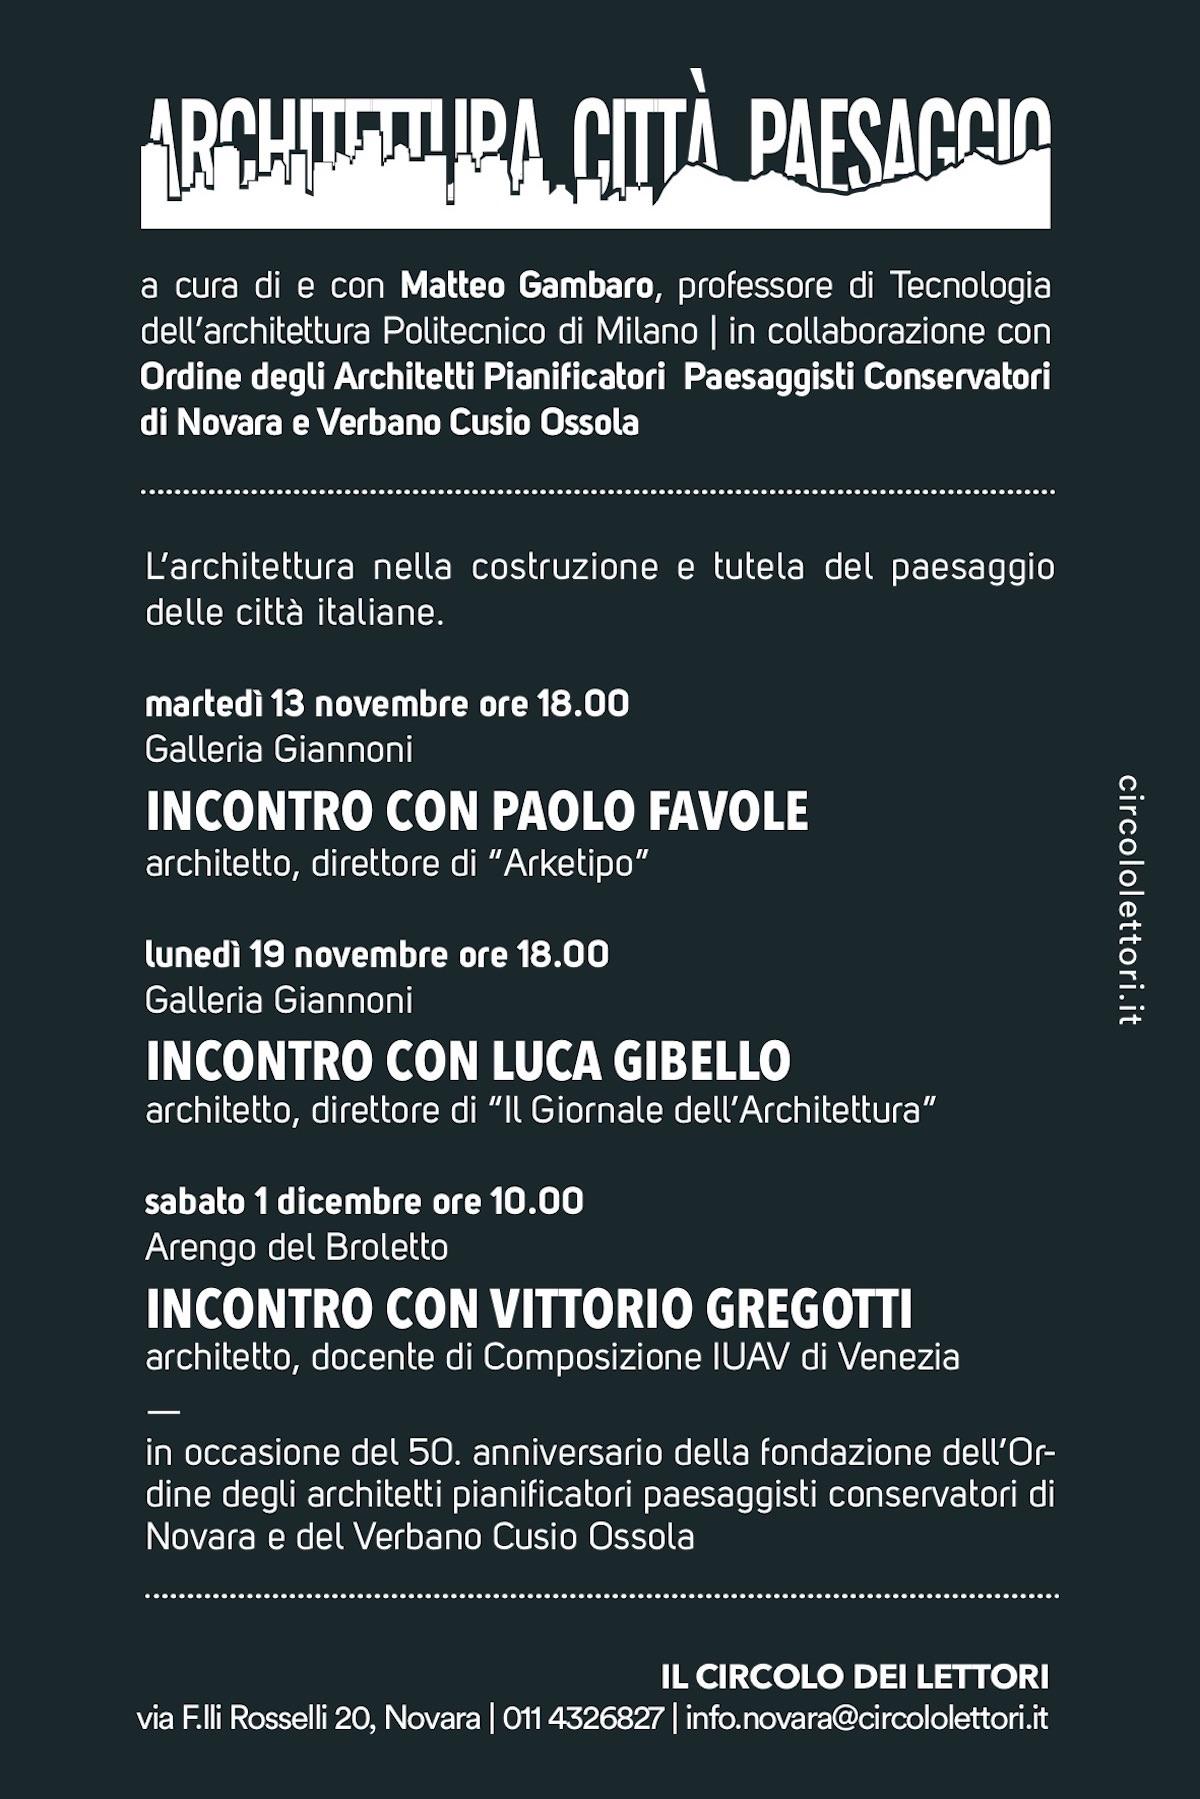 Architettura Città Paesaggio Novara